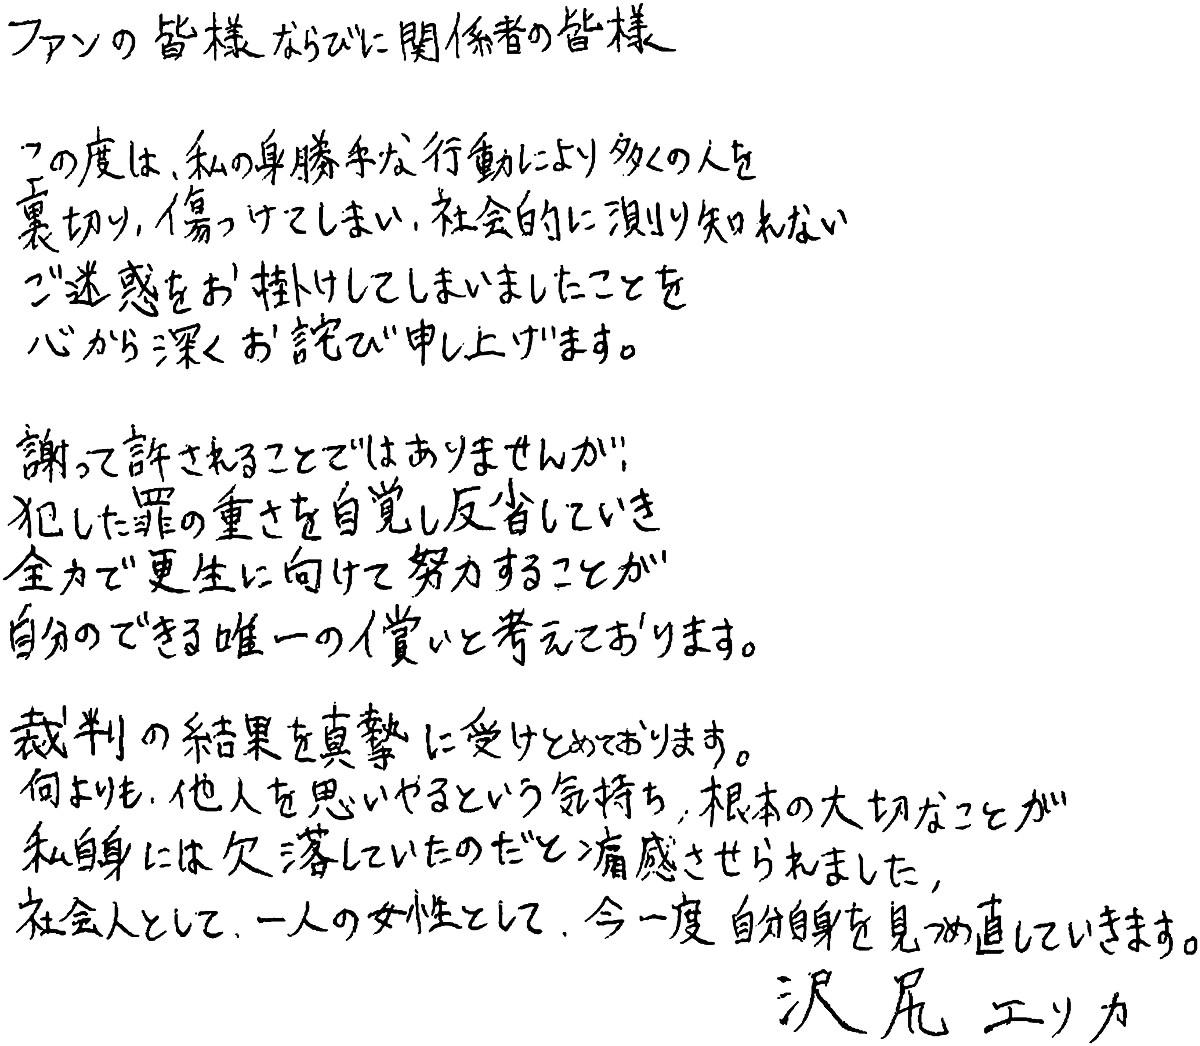 沢尻エリカ被告の直筆謝罪文